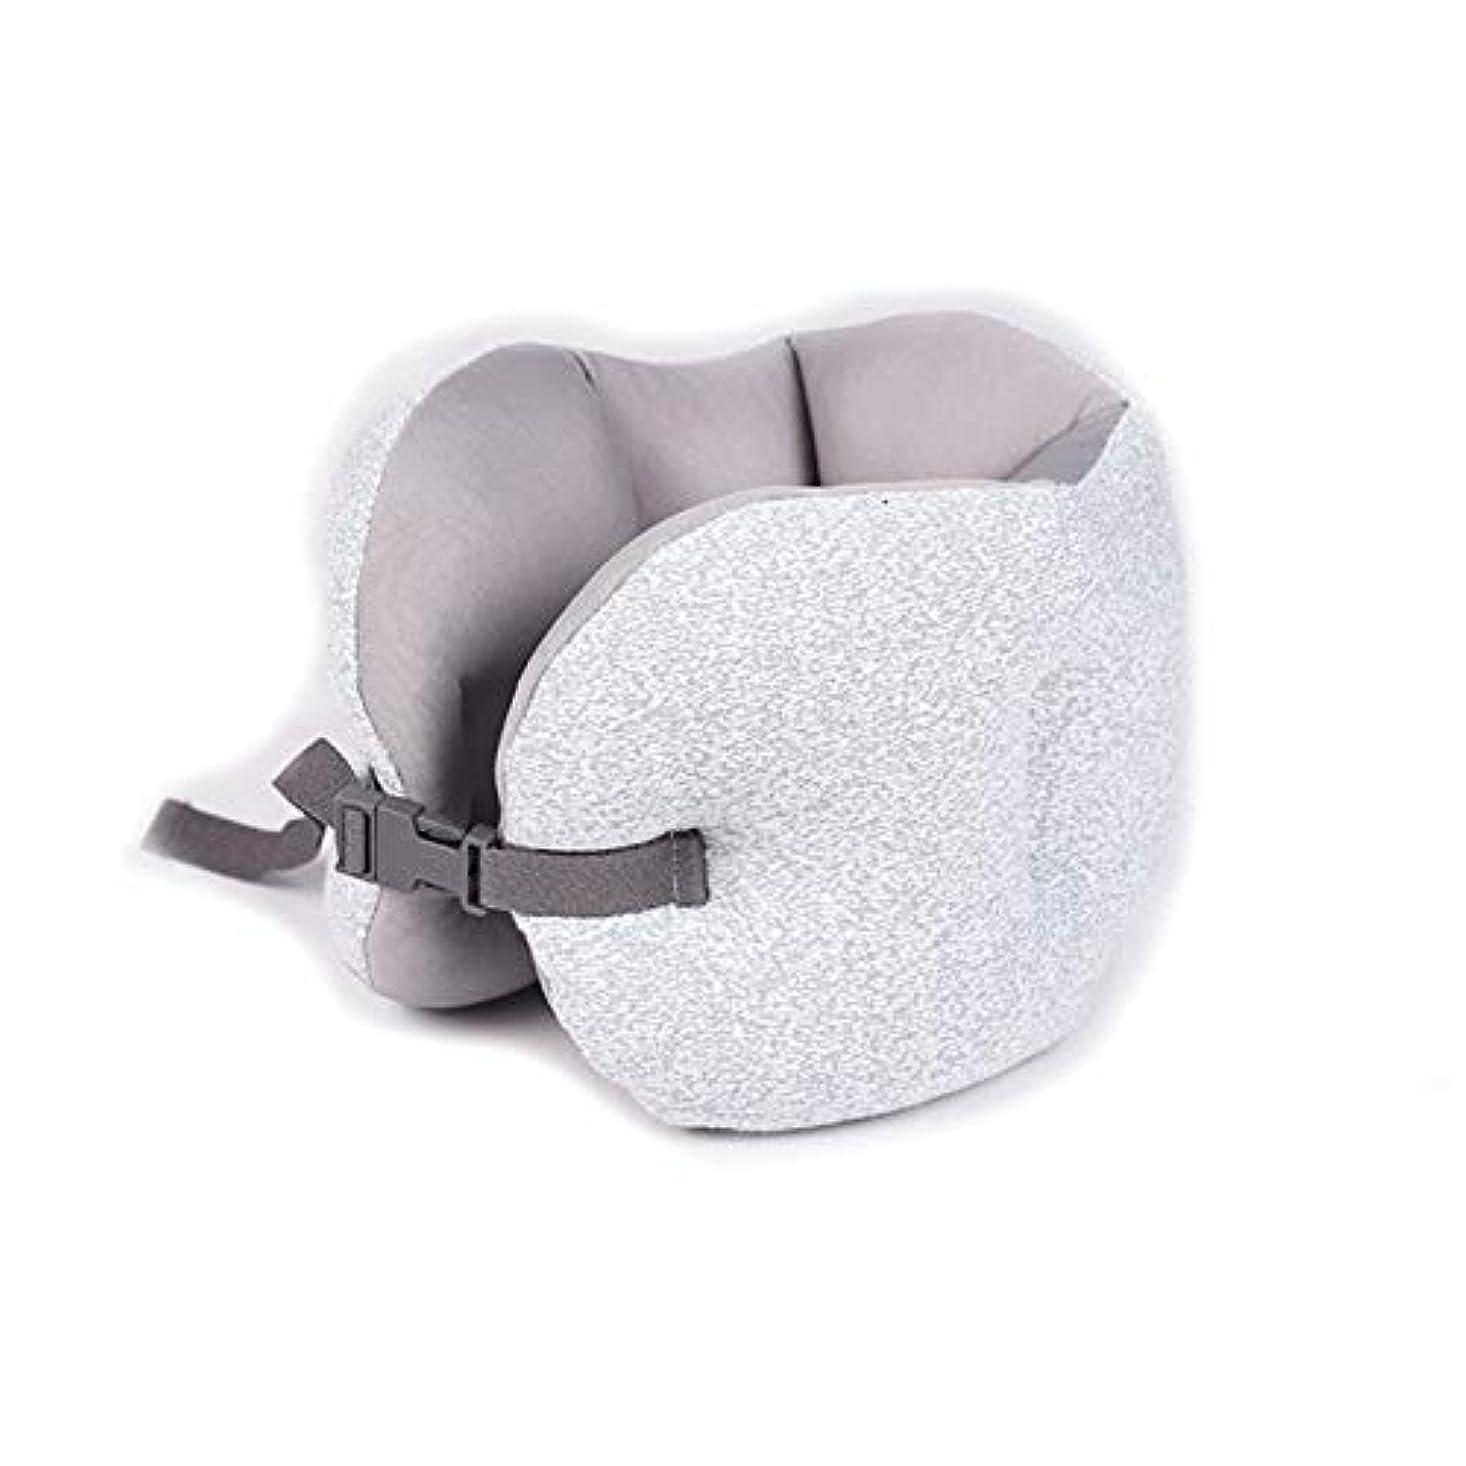 アクセントとティーム刈るSMART ホームオフィス背もたれ椅子腰椎クッションカーシートネック枕 3D 低反発サポートバックマッサージウエストレスリビング枕 クッション 椅子